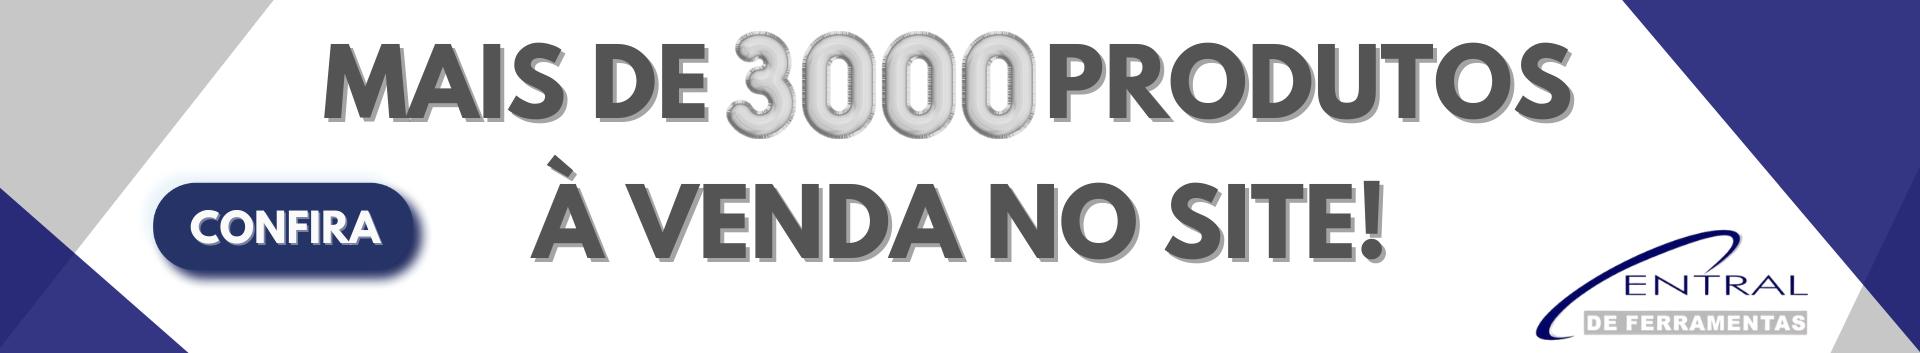 3000 produtos